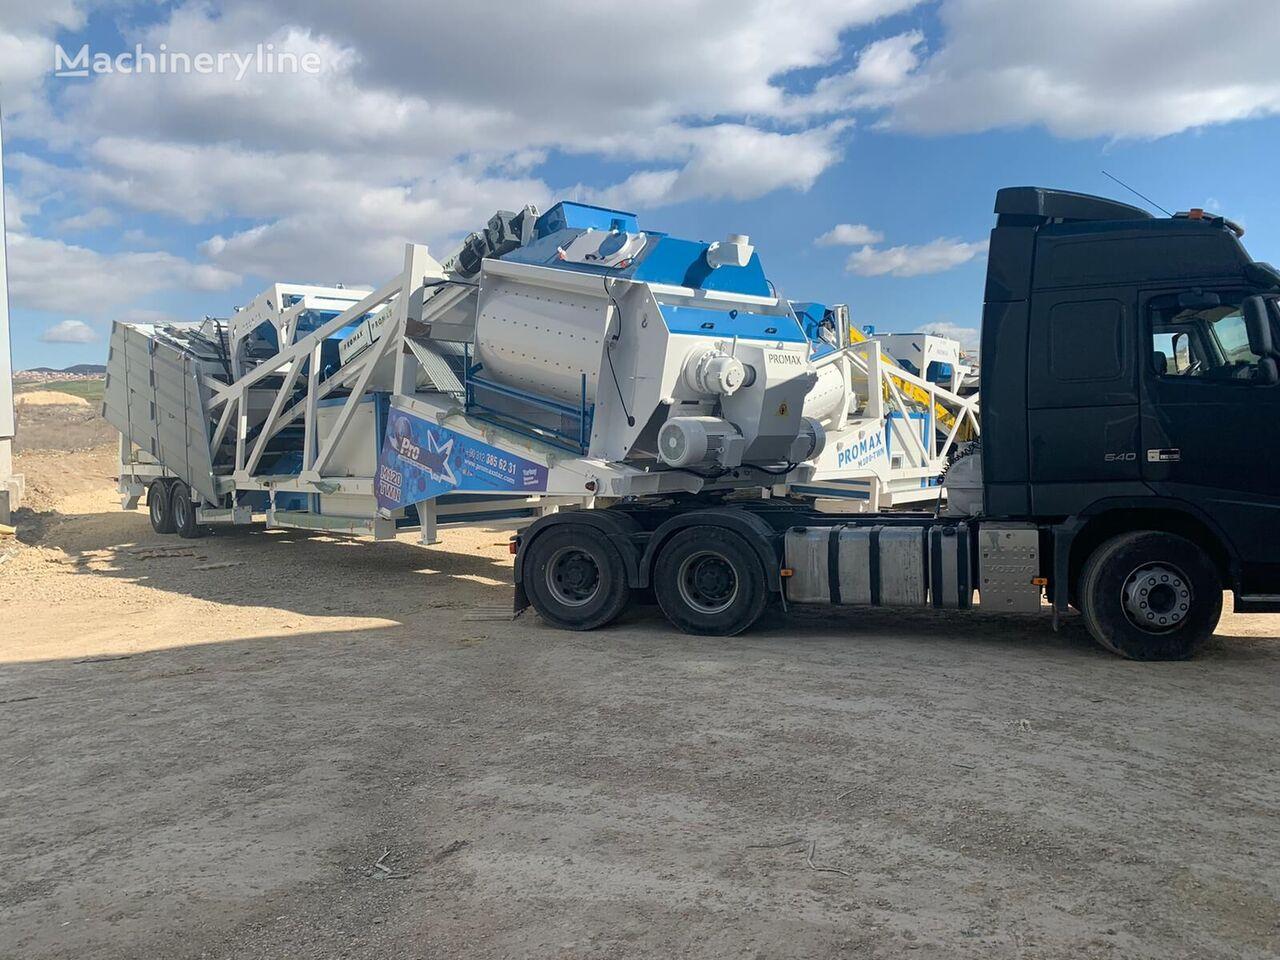 PROMAX Mobile Concrete Batching Plant M120-TWN (120m3/h) planta de hormigón nueva